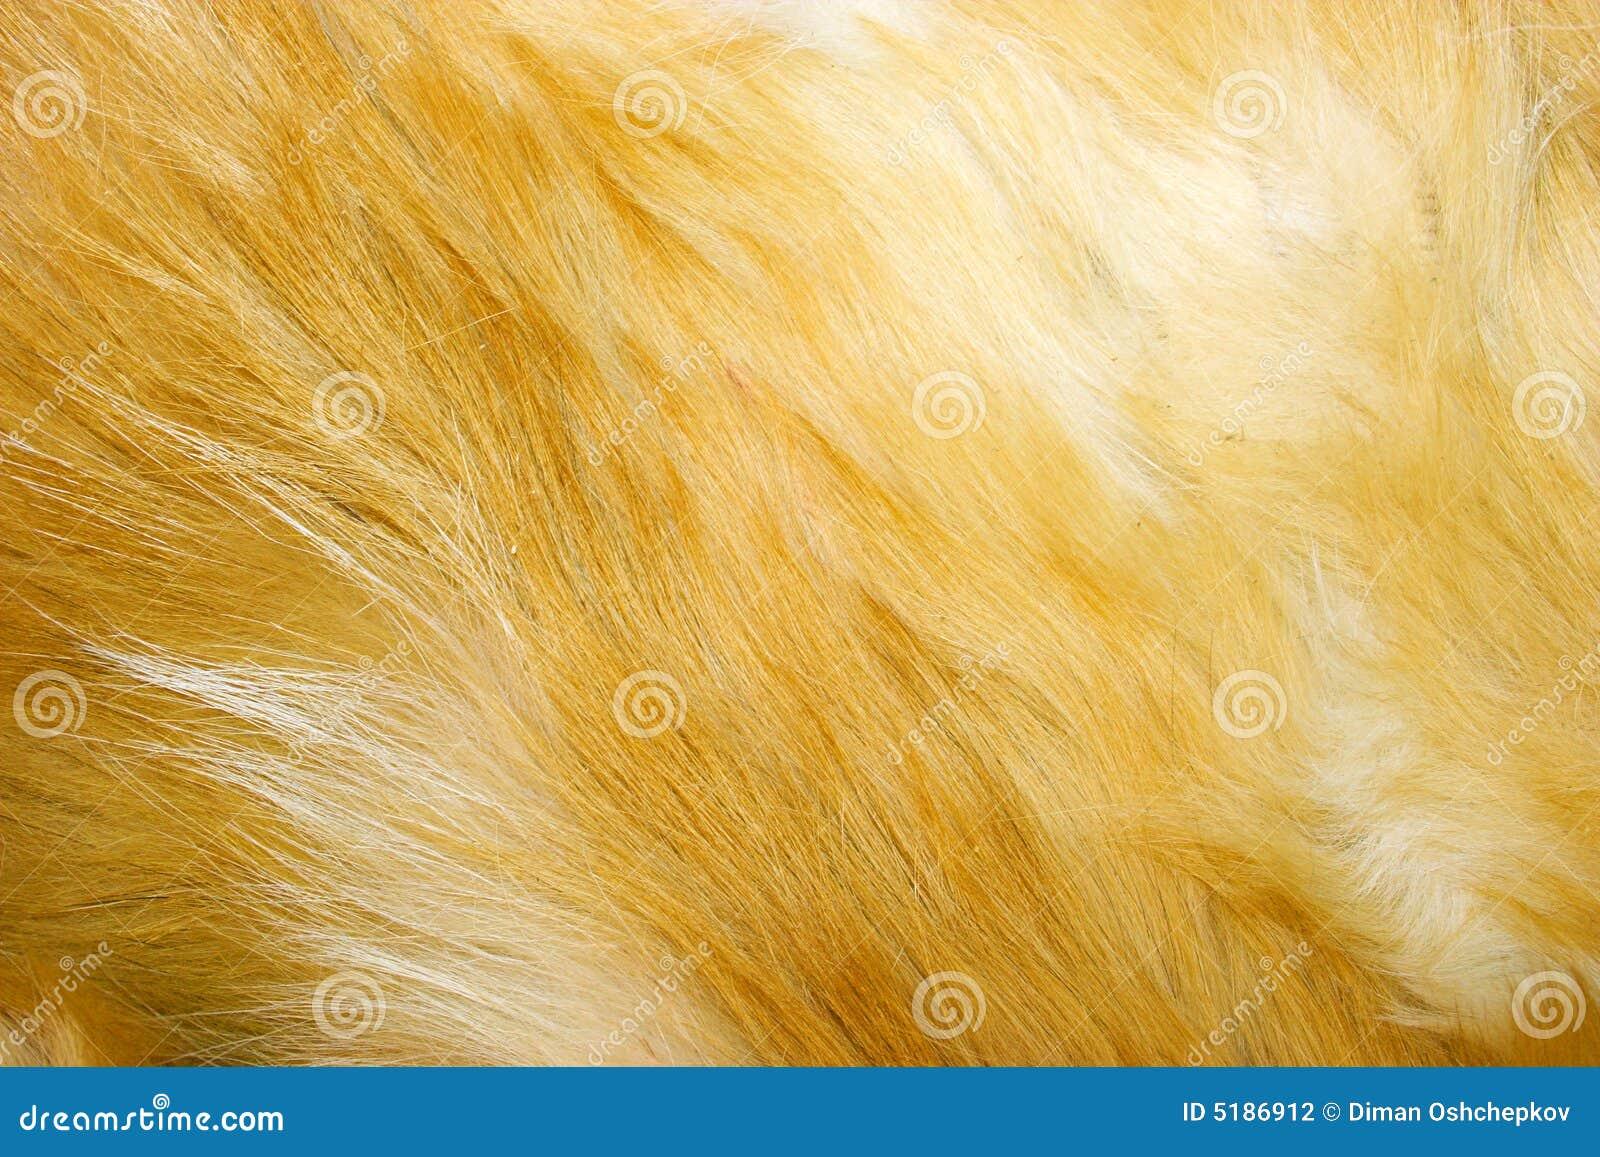 Textura de la piel de zorro rojo